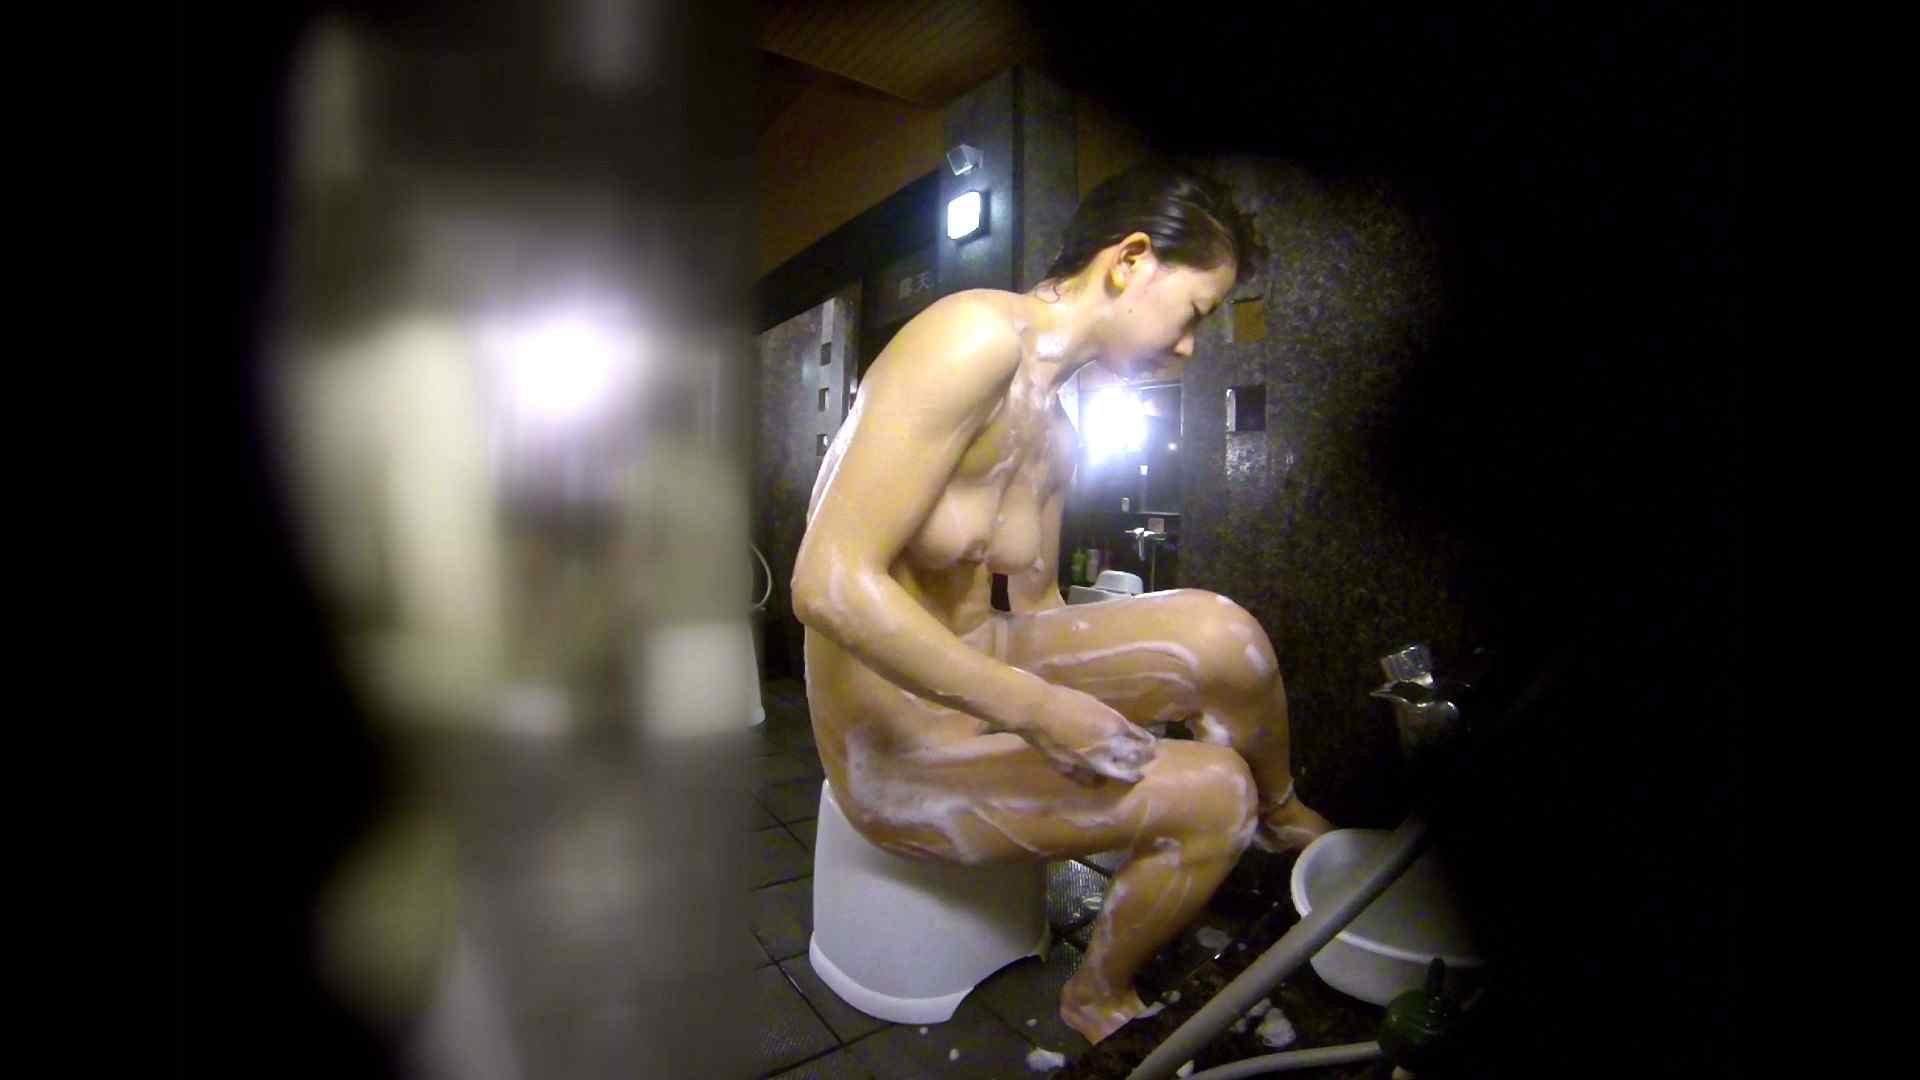 洗い場!綺麗なお女市さんは好きですか? 潜入 えろ無修正画像 93枚 64